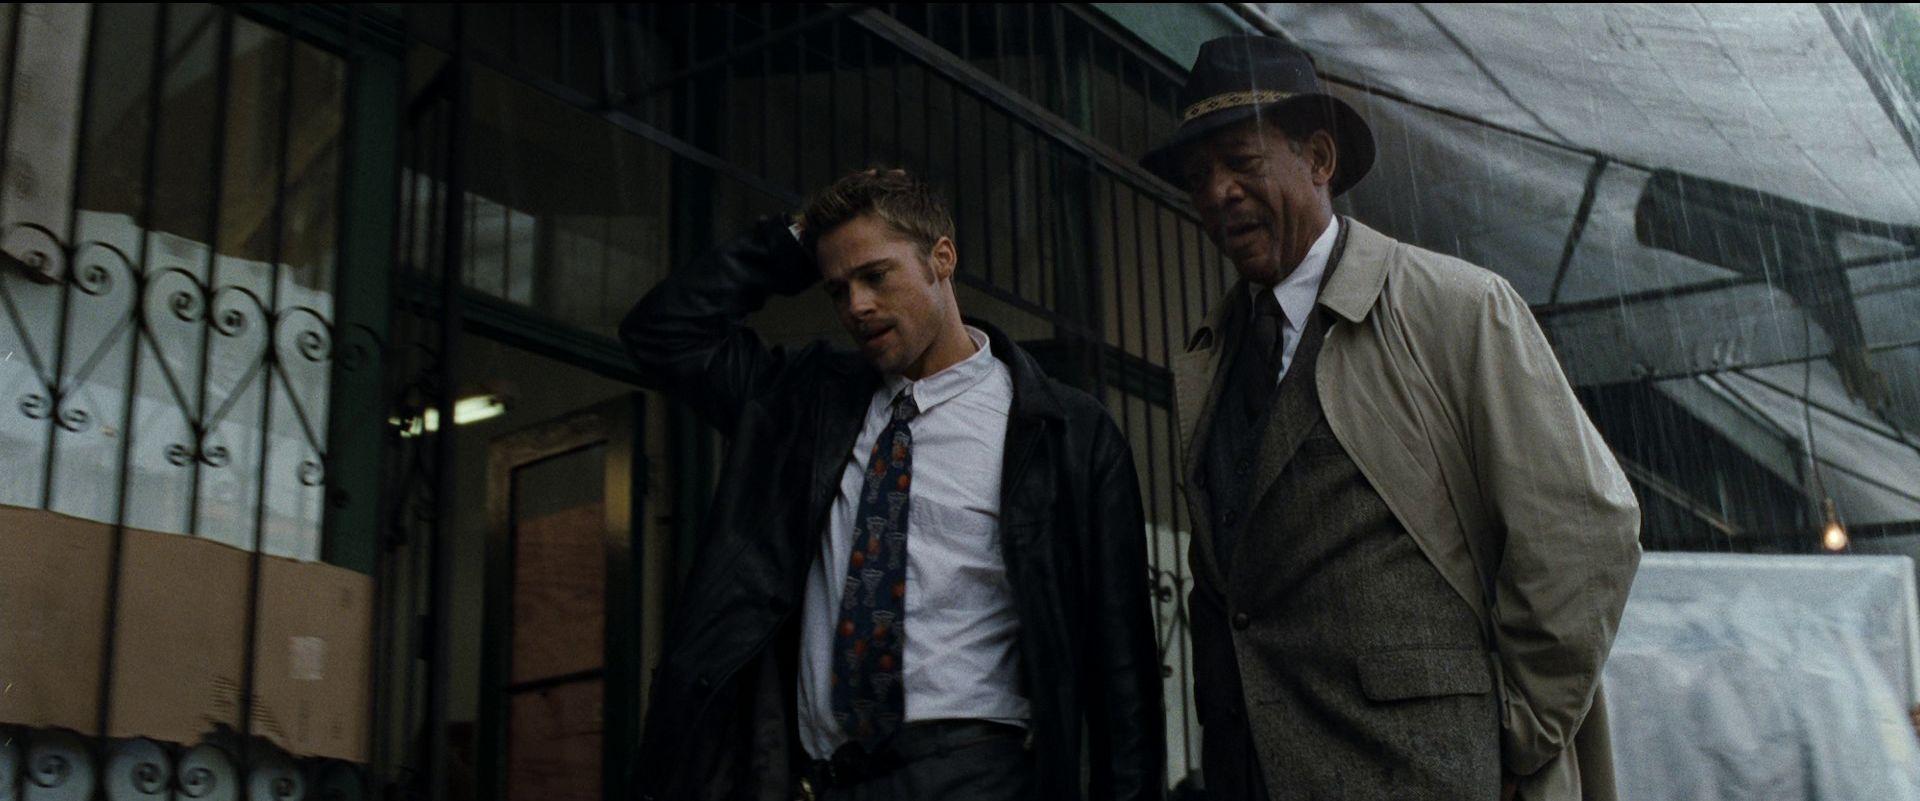 Morgan Freeman accanto a Brad Pitt in una scena di SEVEN